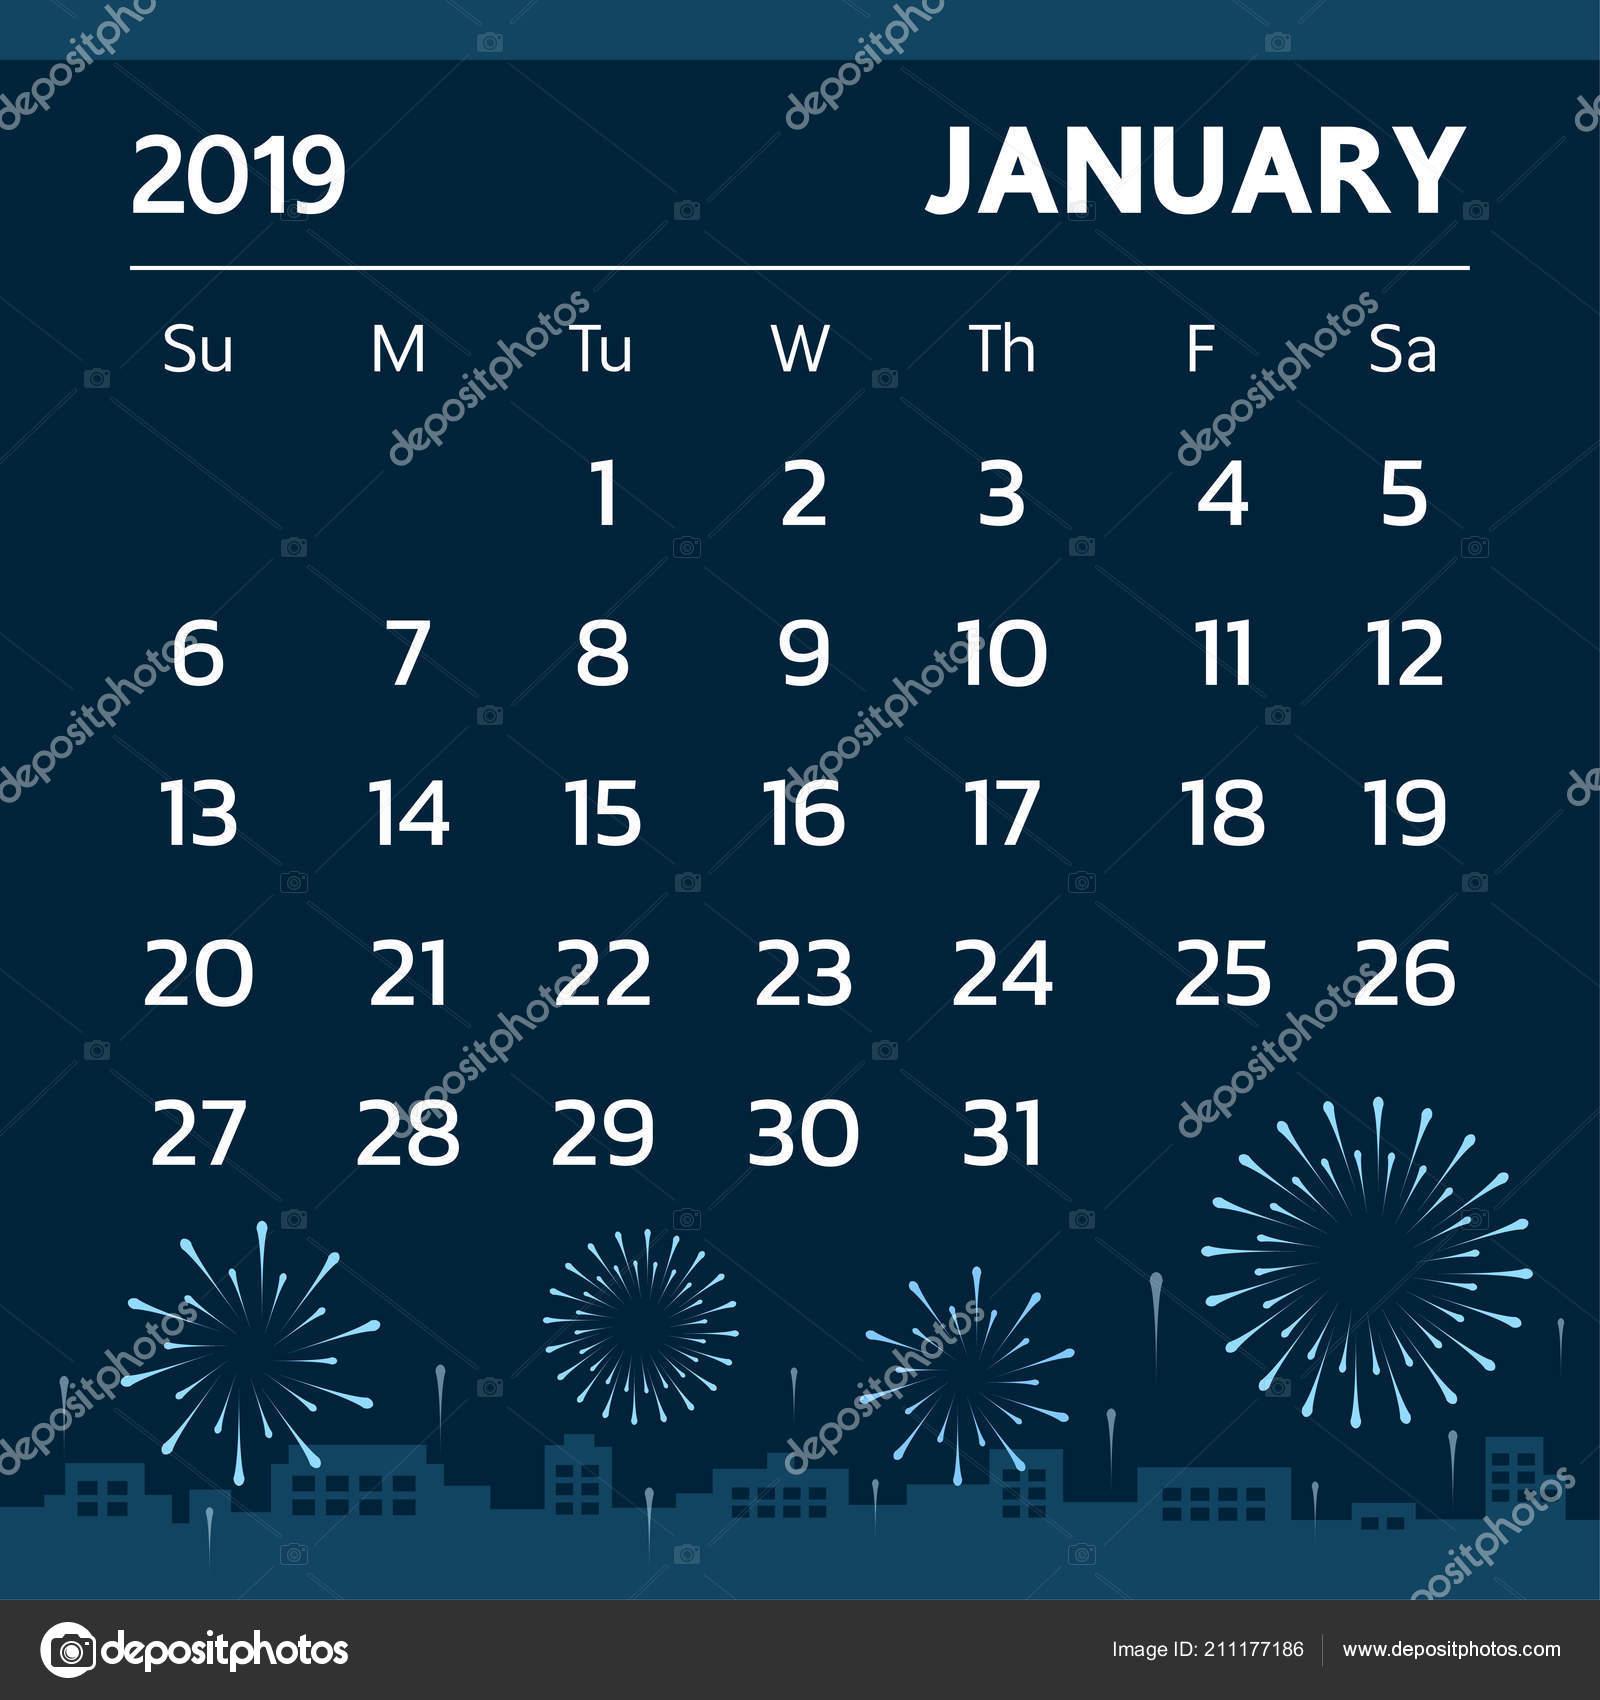 January 2019 Calendar Theme Calendar January 2019 Fireworks Theme Vector — Stock Vector